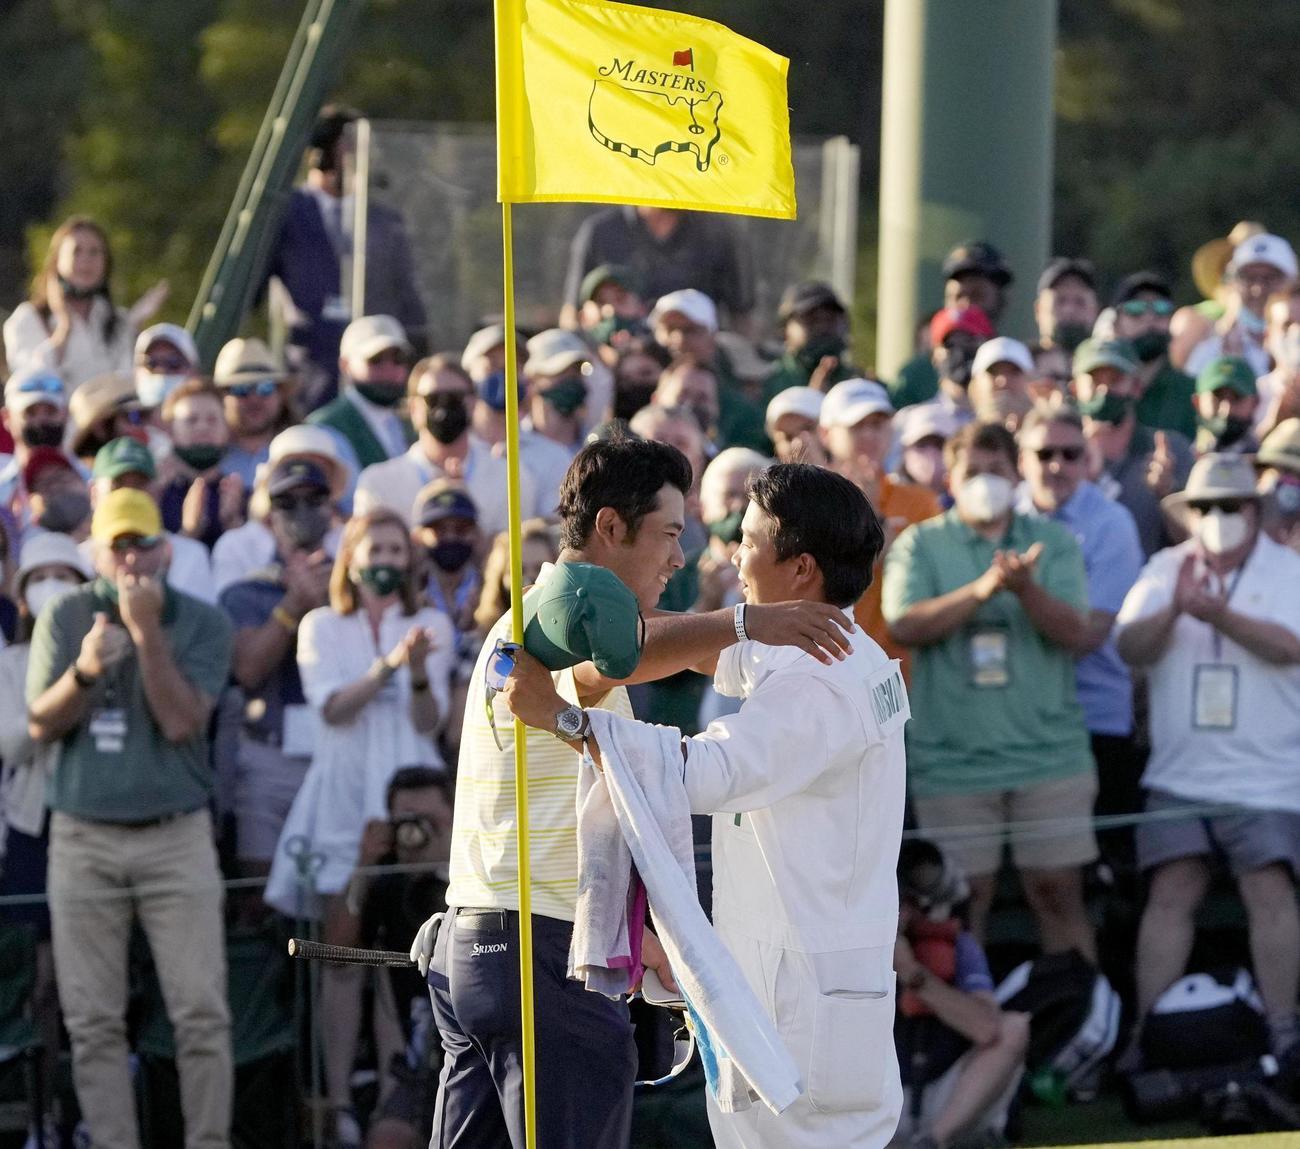 米ゴルフのマスターズ・トーナメントで、日本男子初のメジャー制覇を果たし、キャディー(手前右)と抱き合う松山英樹(AP=共同)